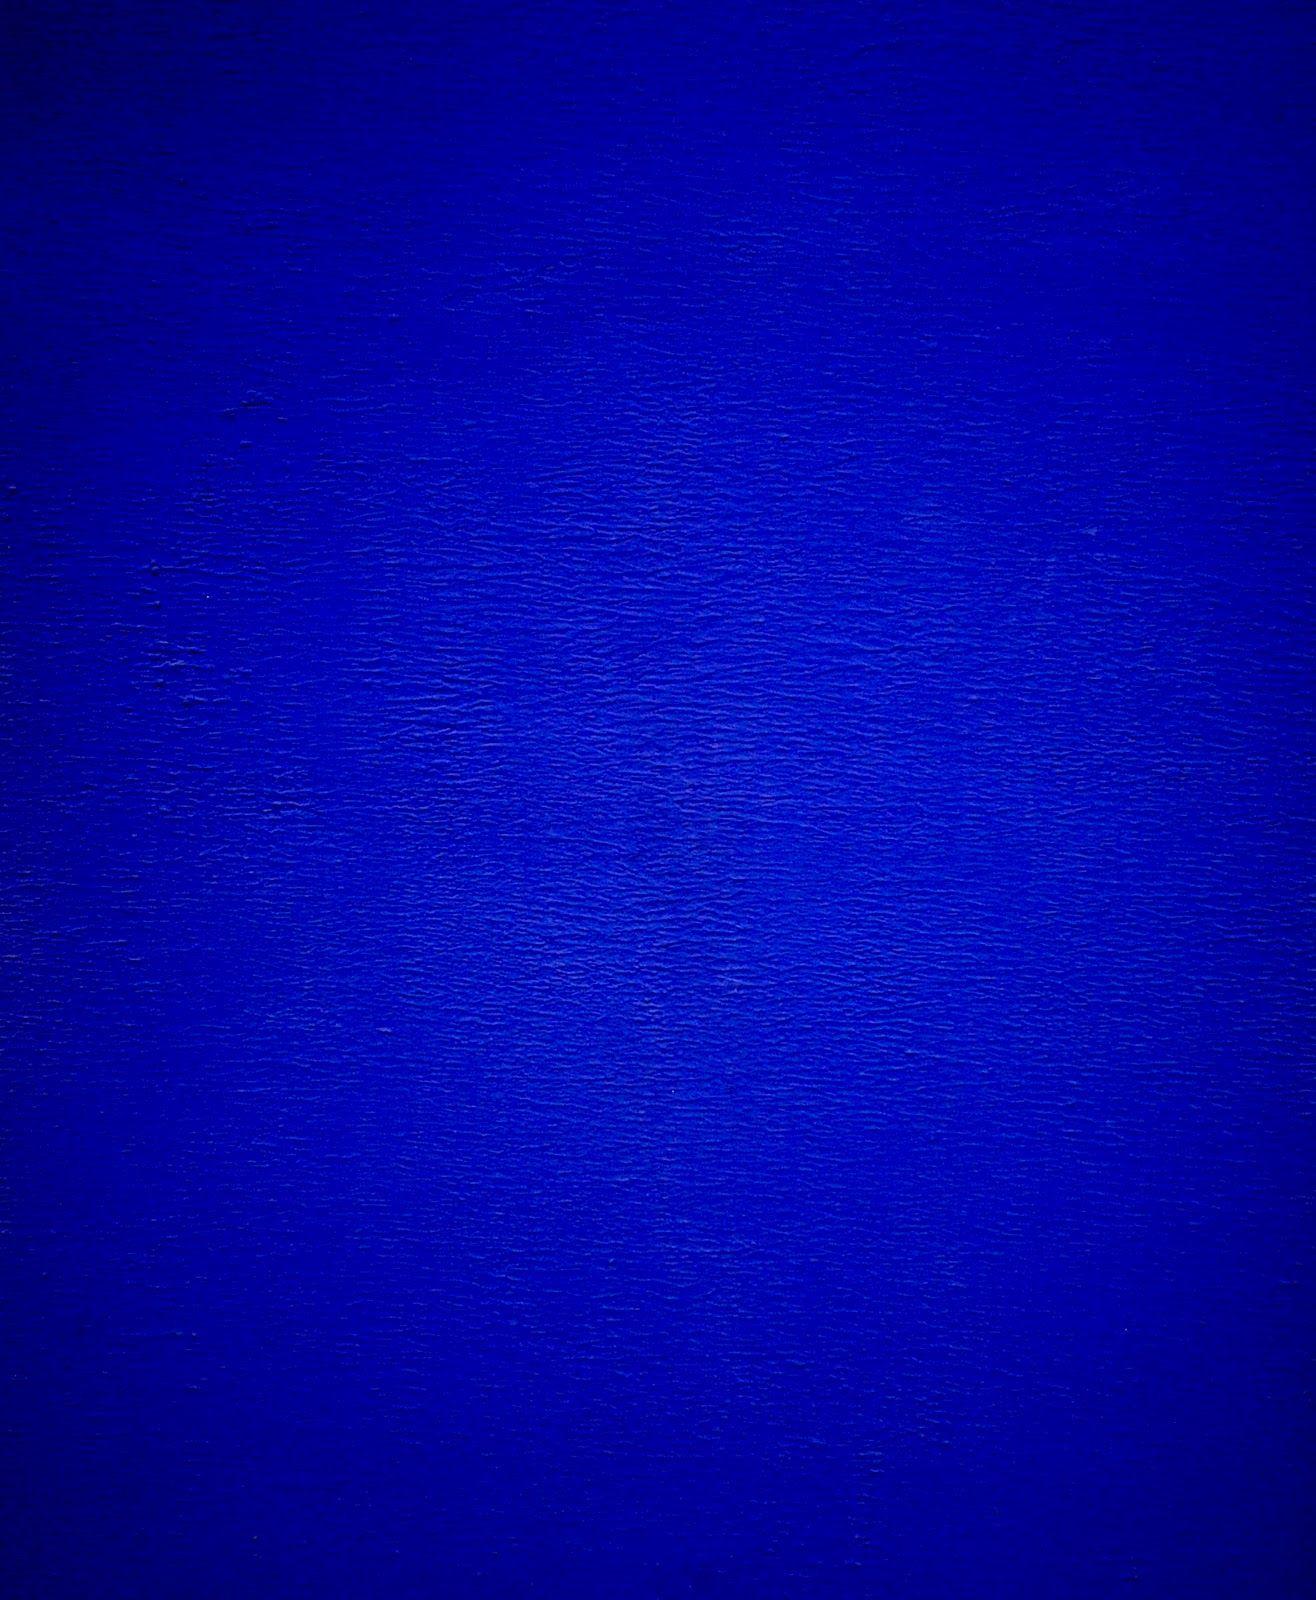 yves klein blue yves klein blue pinterest bleu klein et spectacle enfant. Black Bedroom Furniture Sets. Home Design Ideas